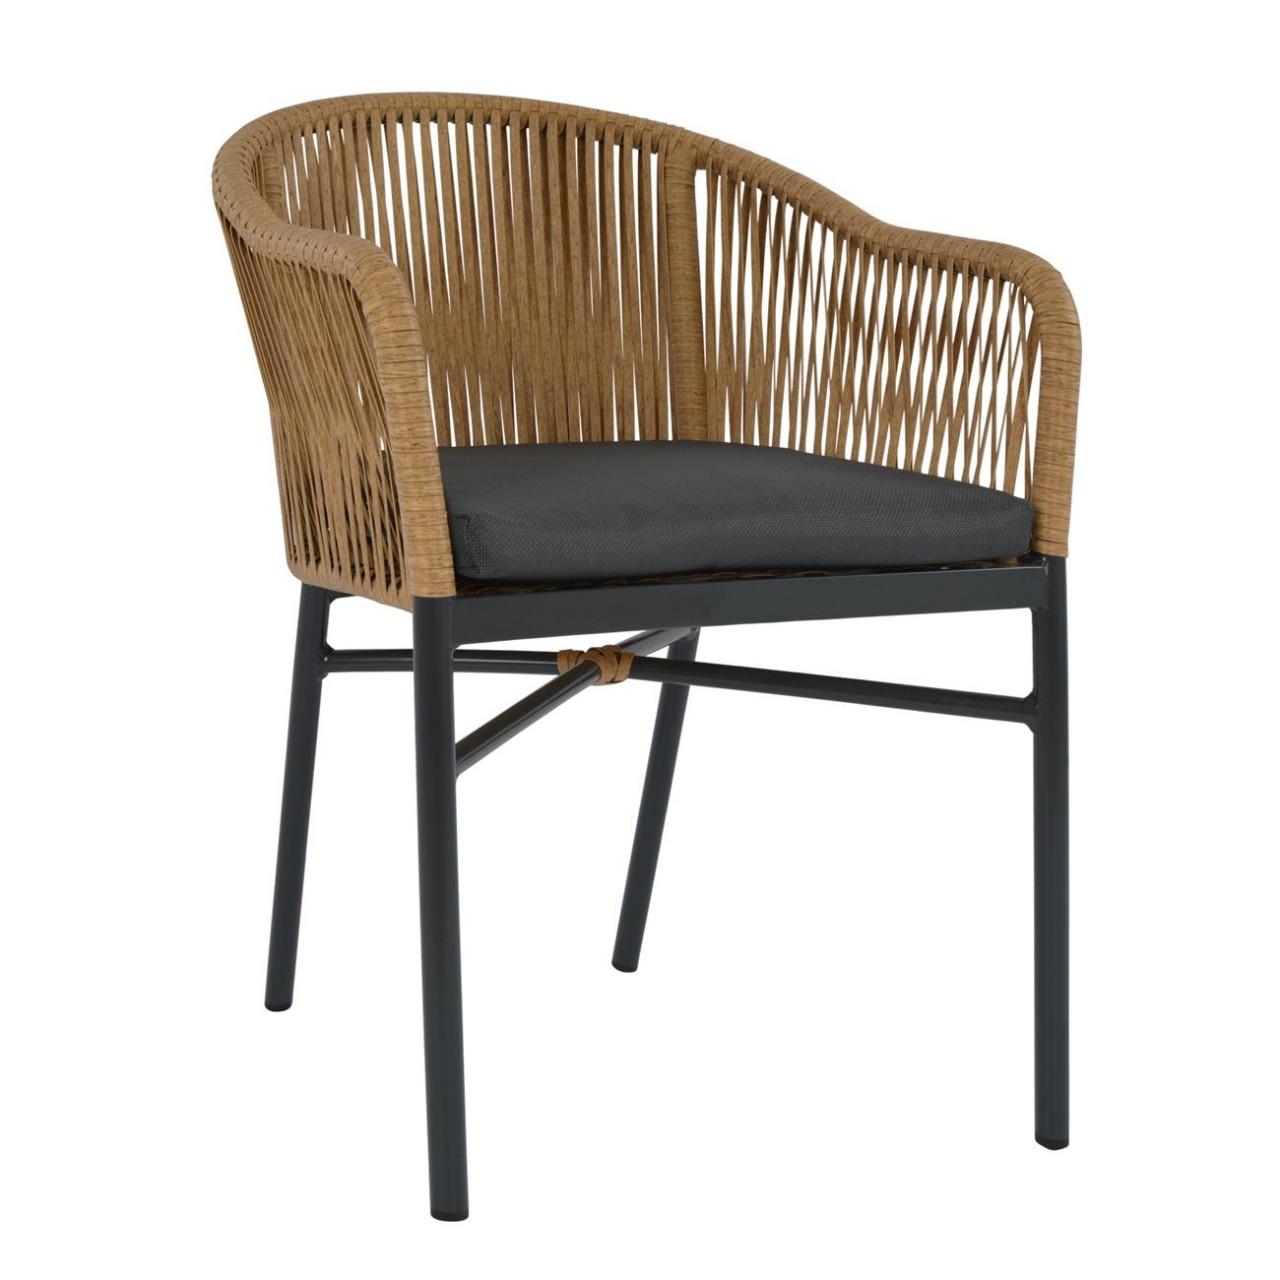 Καρέκλα Verano Ανθρακί με μπεζ Έπιπλα Εξωτερικού Χώρου